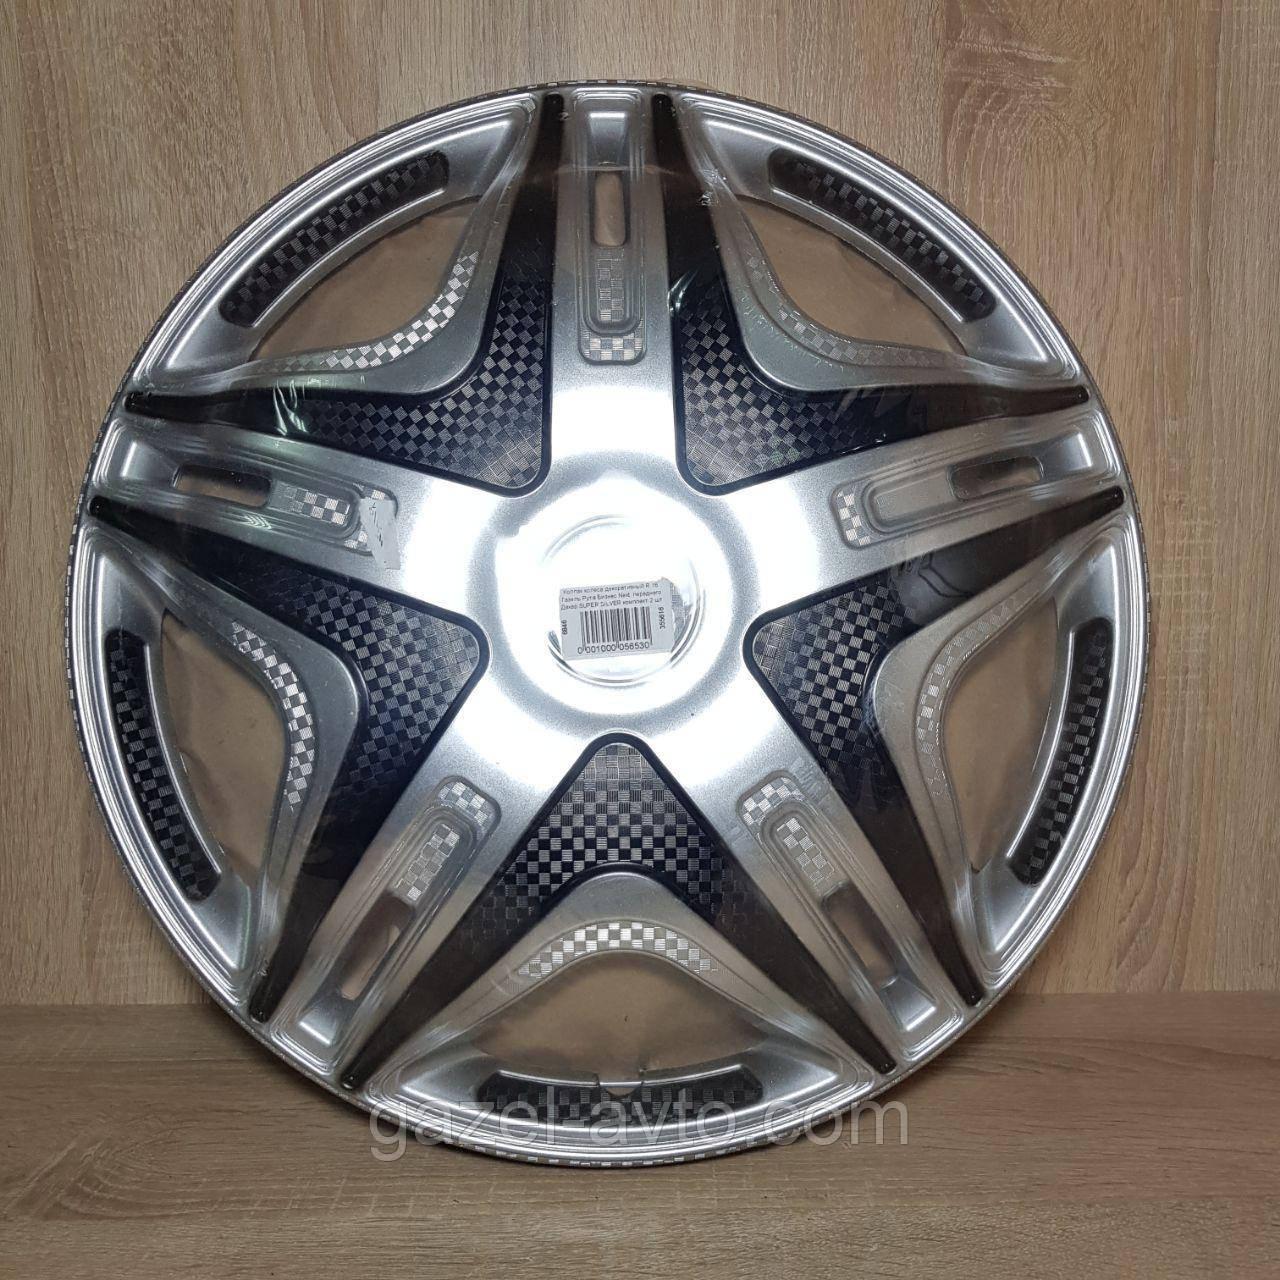 Колпак колеса декоративный R 16 Газель Рута Бизнес Next  переднего Дакар SUPER SILVER (пр-во Россия)